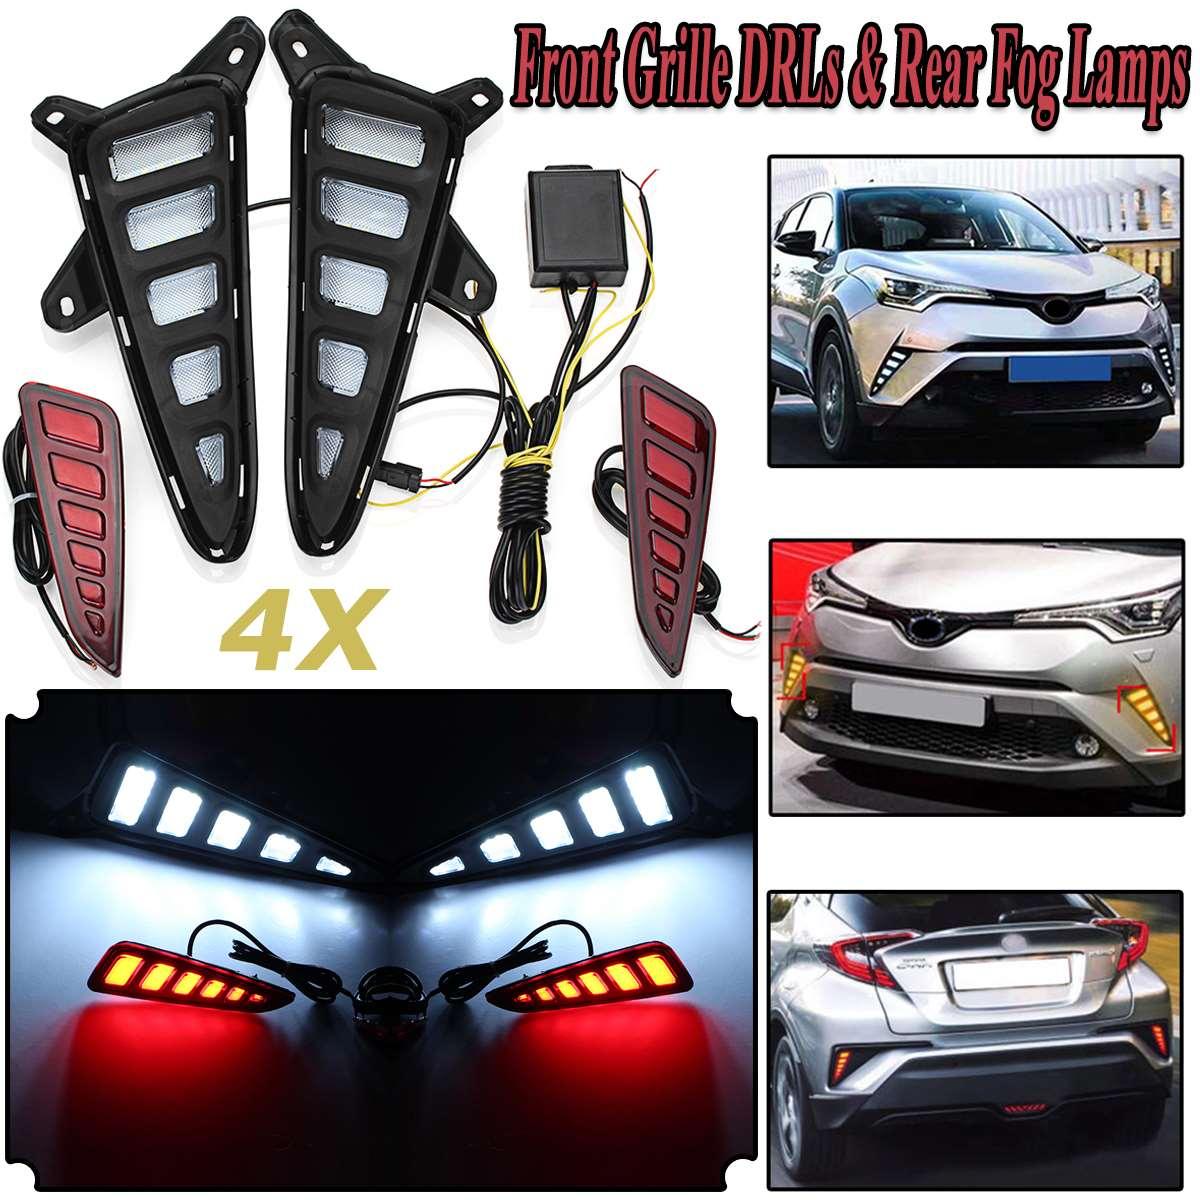 4шт автомобиль вел свет-гид переднюю решетку ДХО задние Противотуманные фары Комплект для Toyota с-HR ЧР 2016-2018 с блоком управления